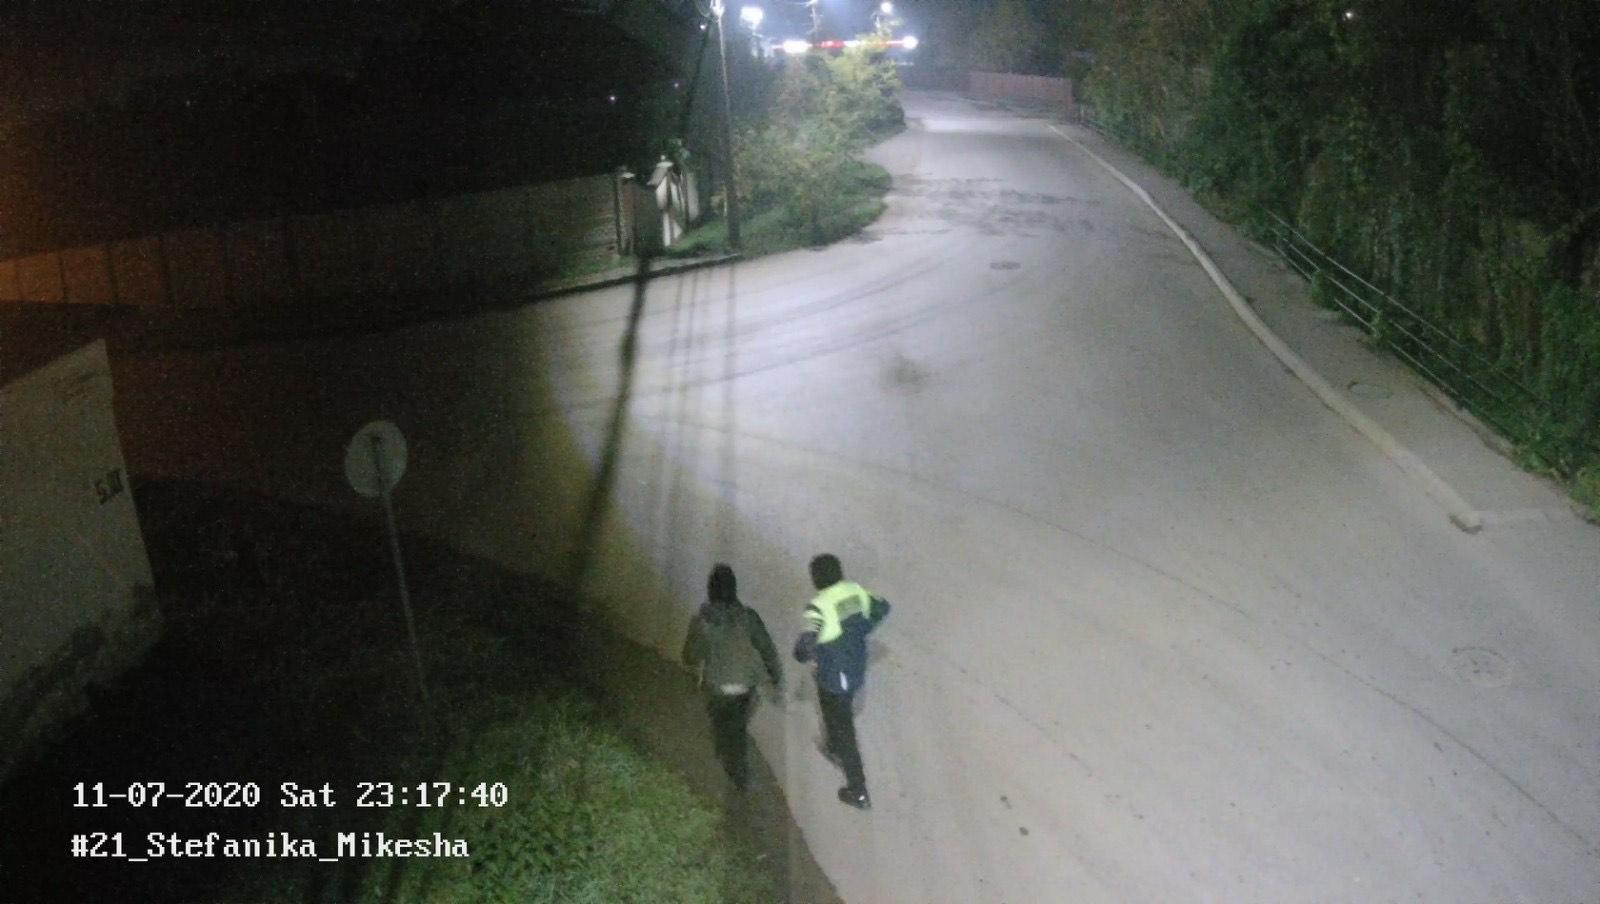 У Берегові невідомі вкрали дорожній знак. Мер просить впізнати злодюжок